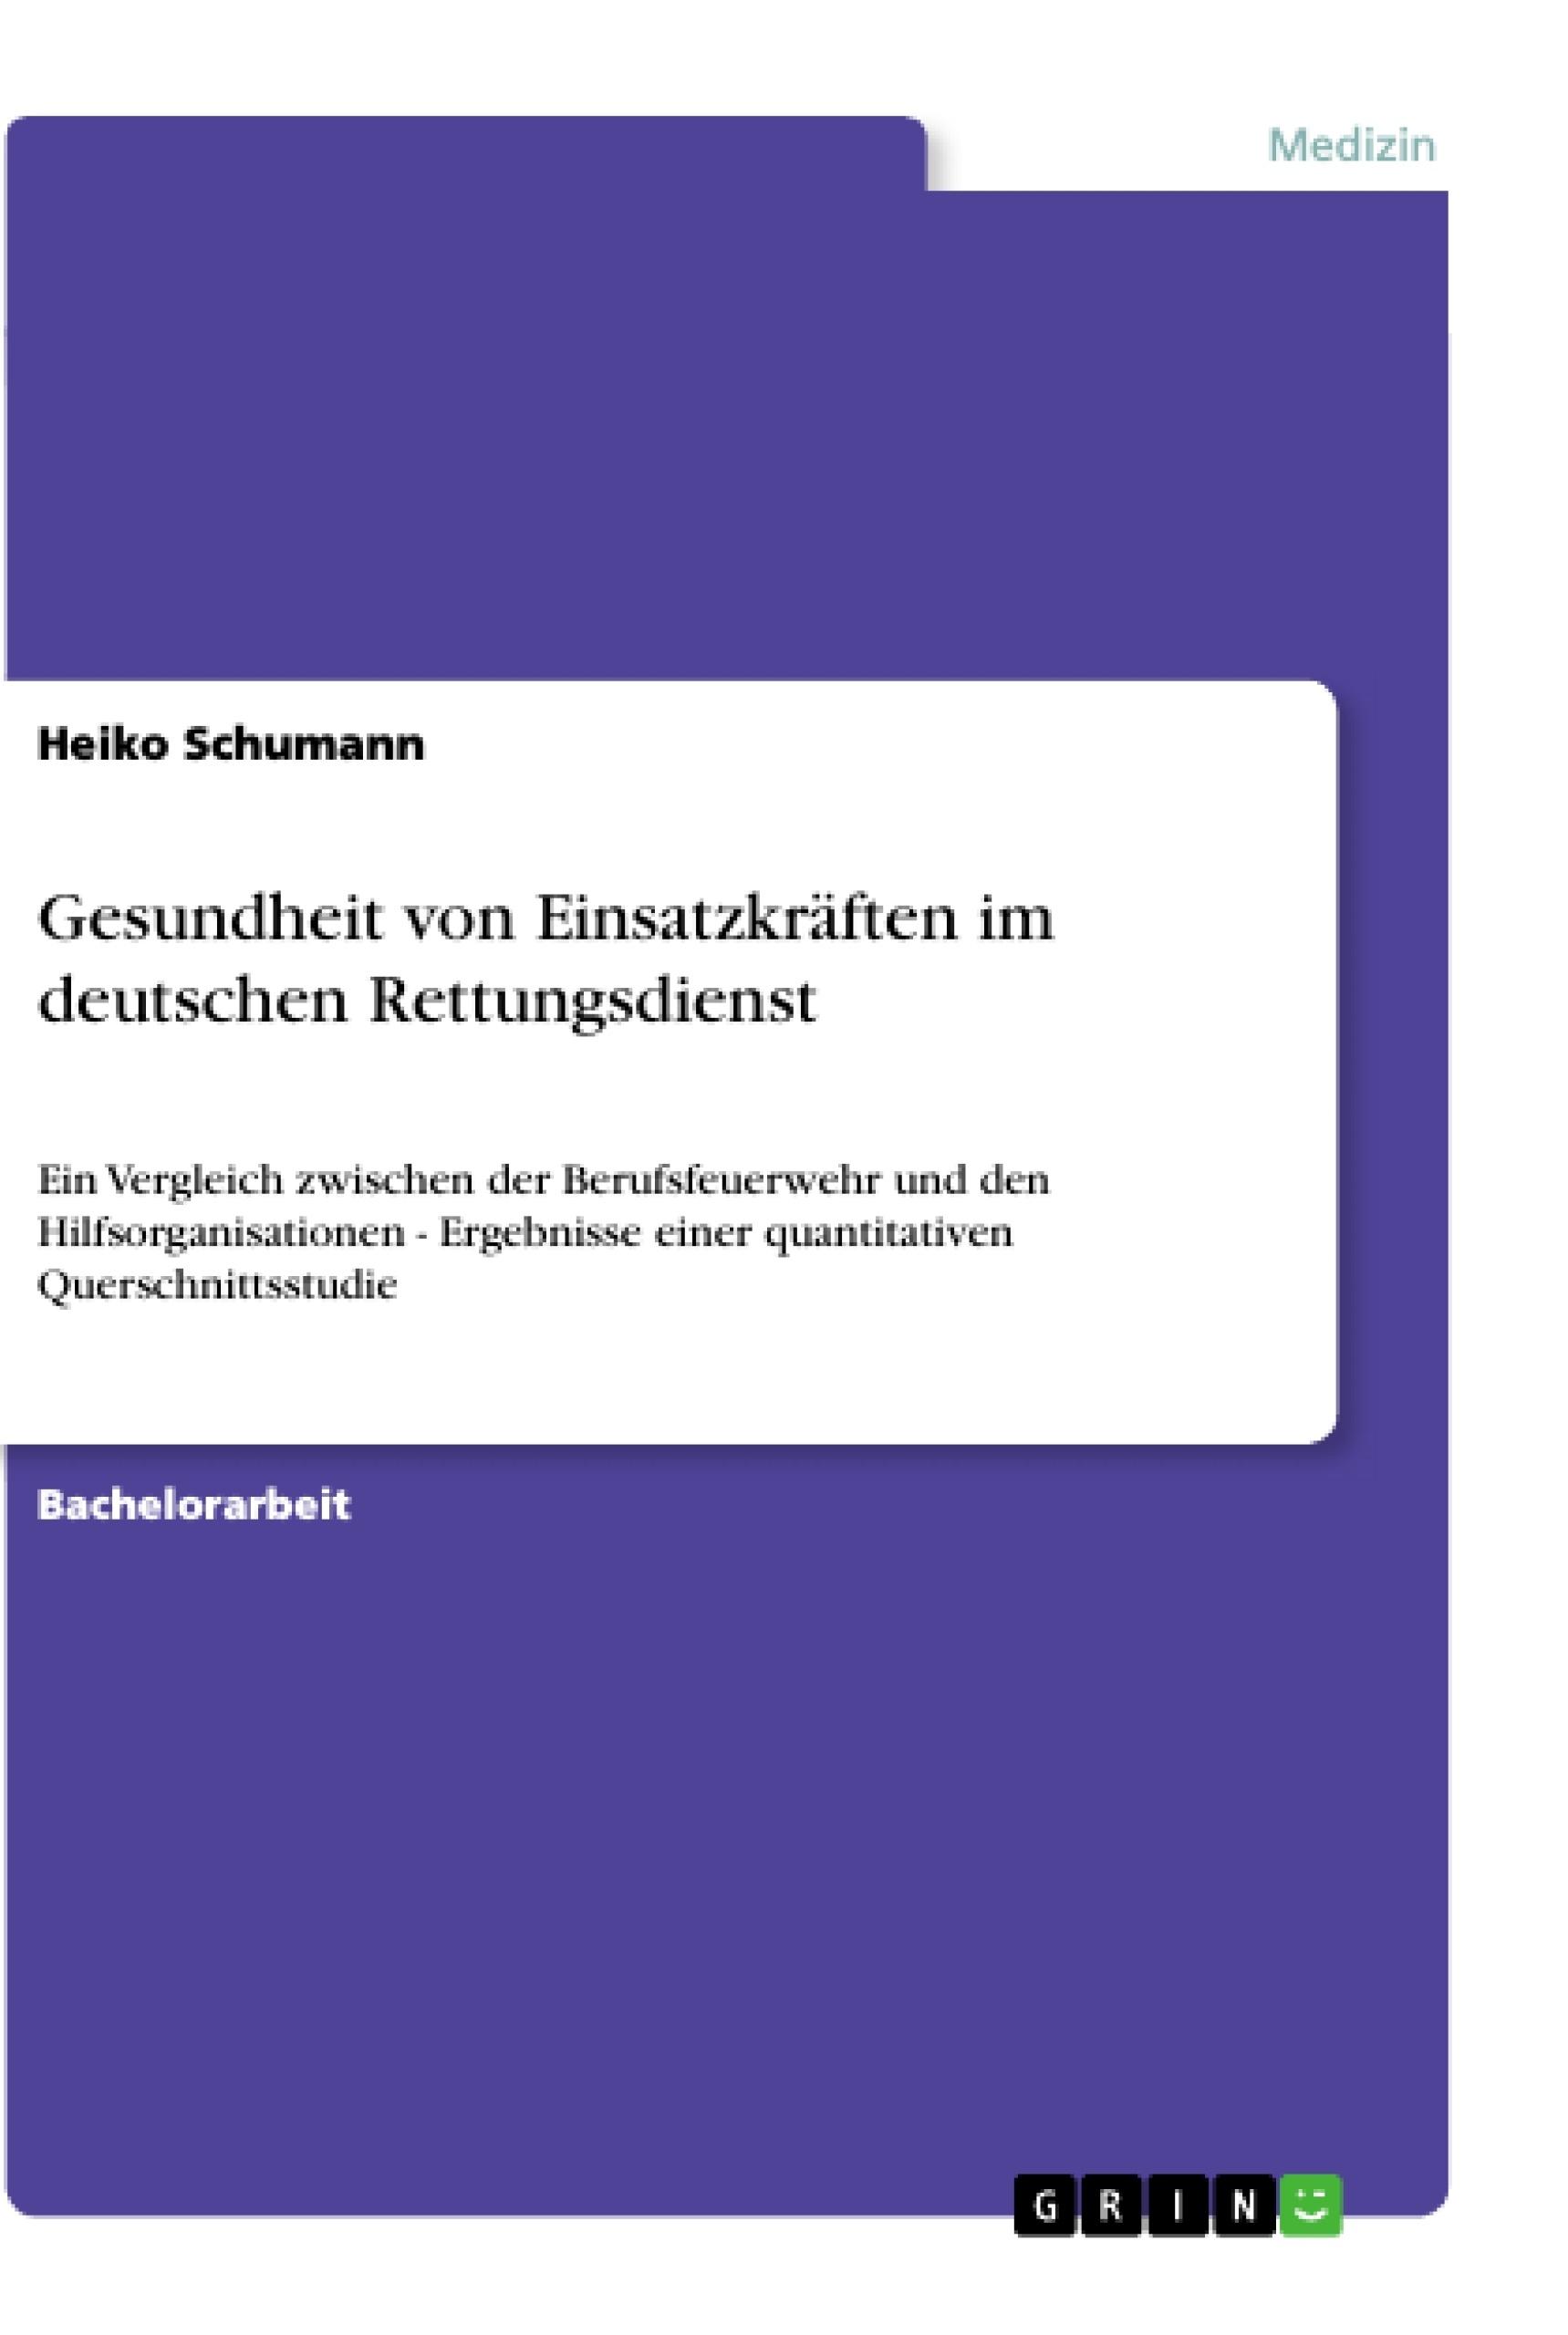 Titel: Gesundheit von Einsatzkräften im deutschen Rettungsdienst